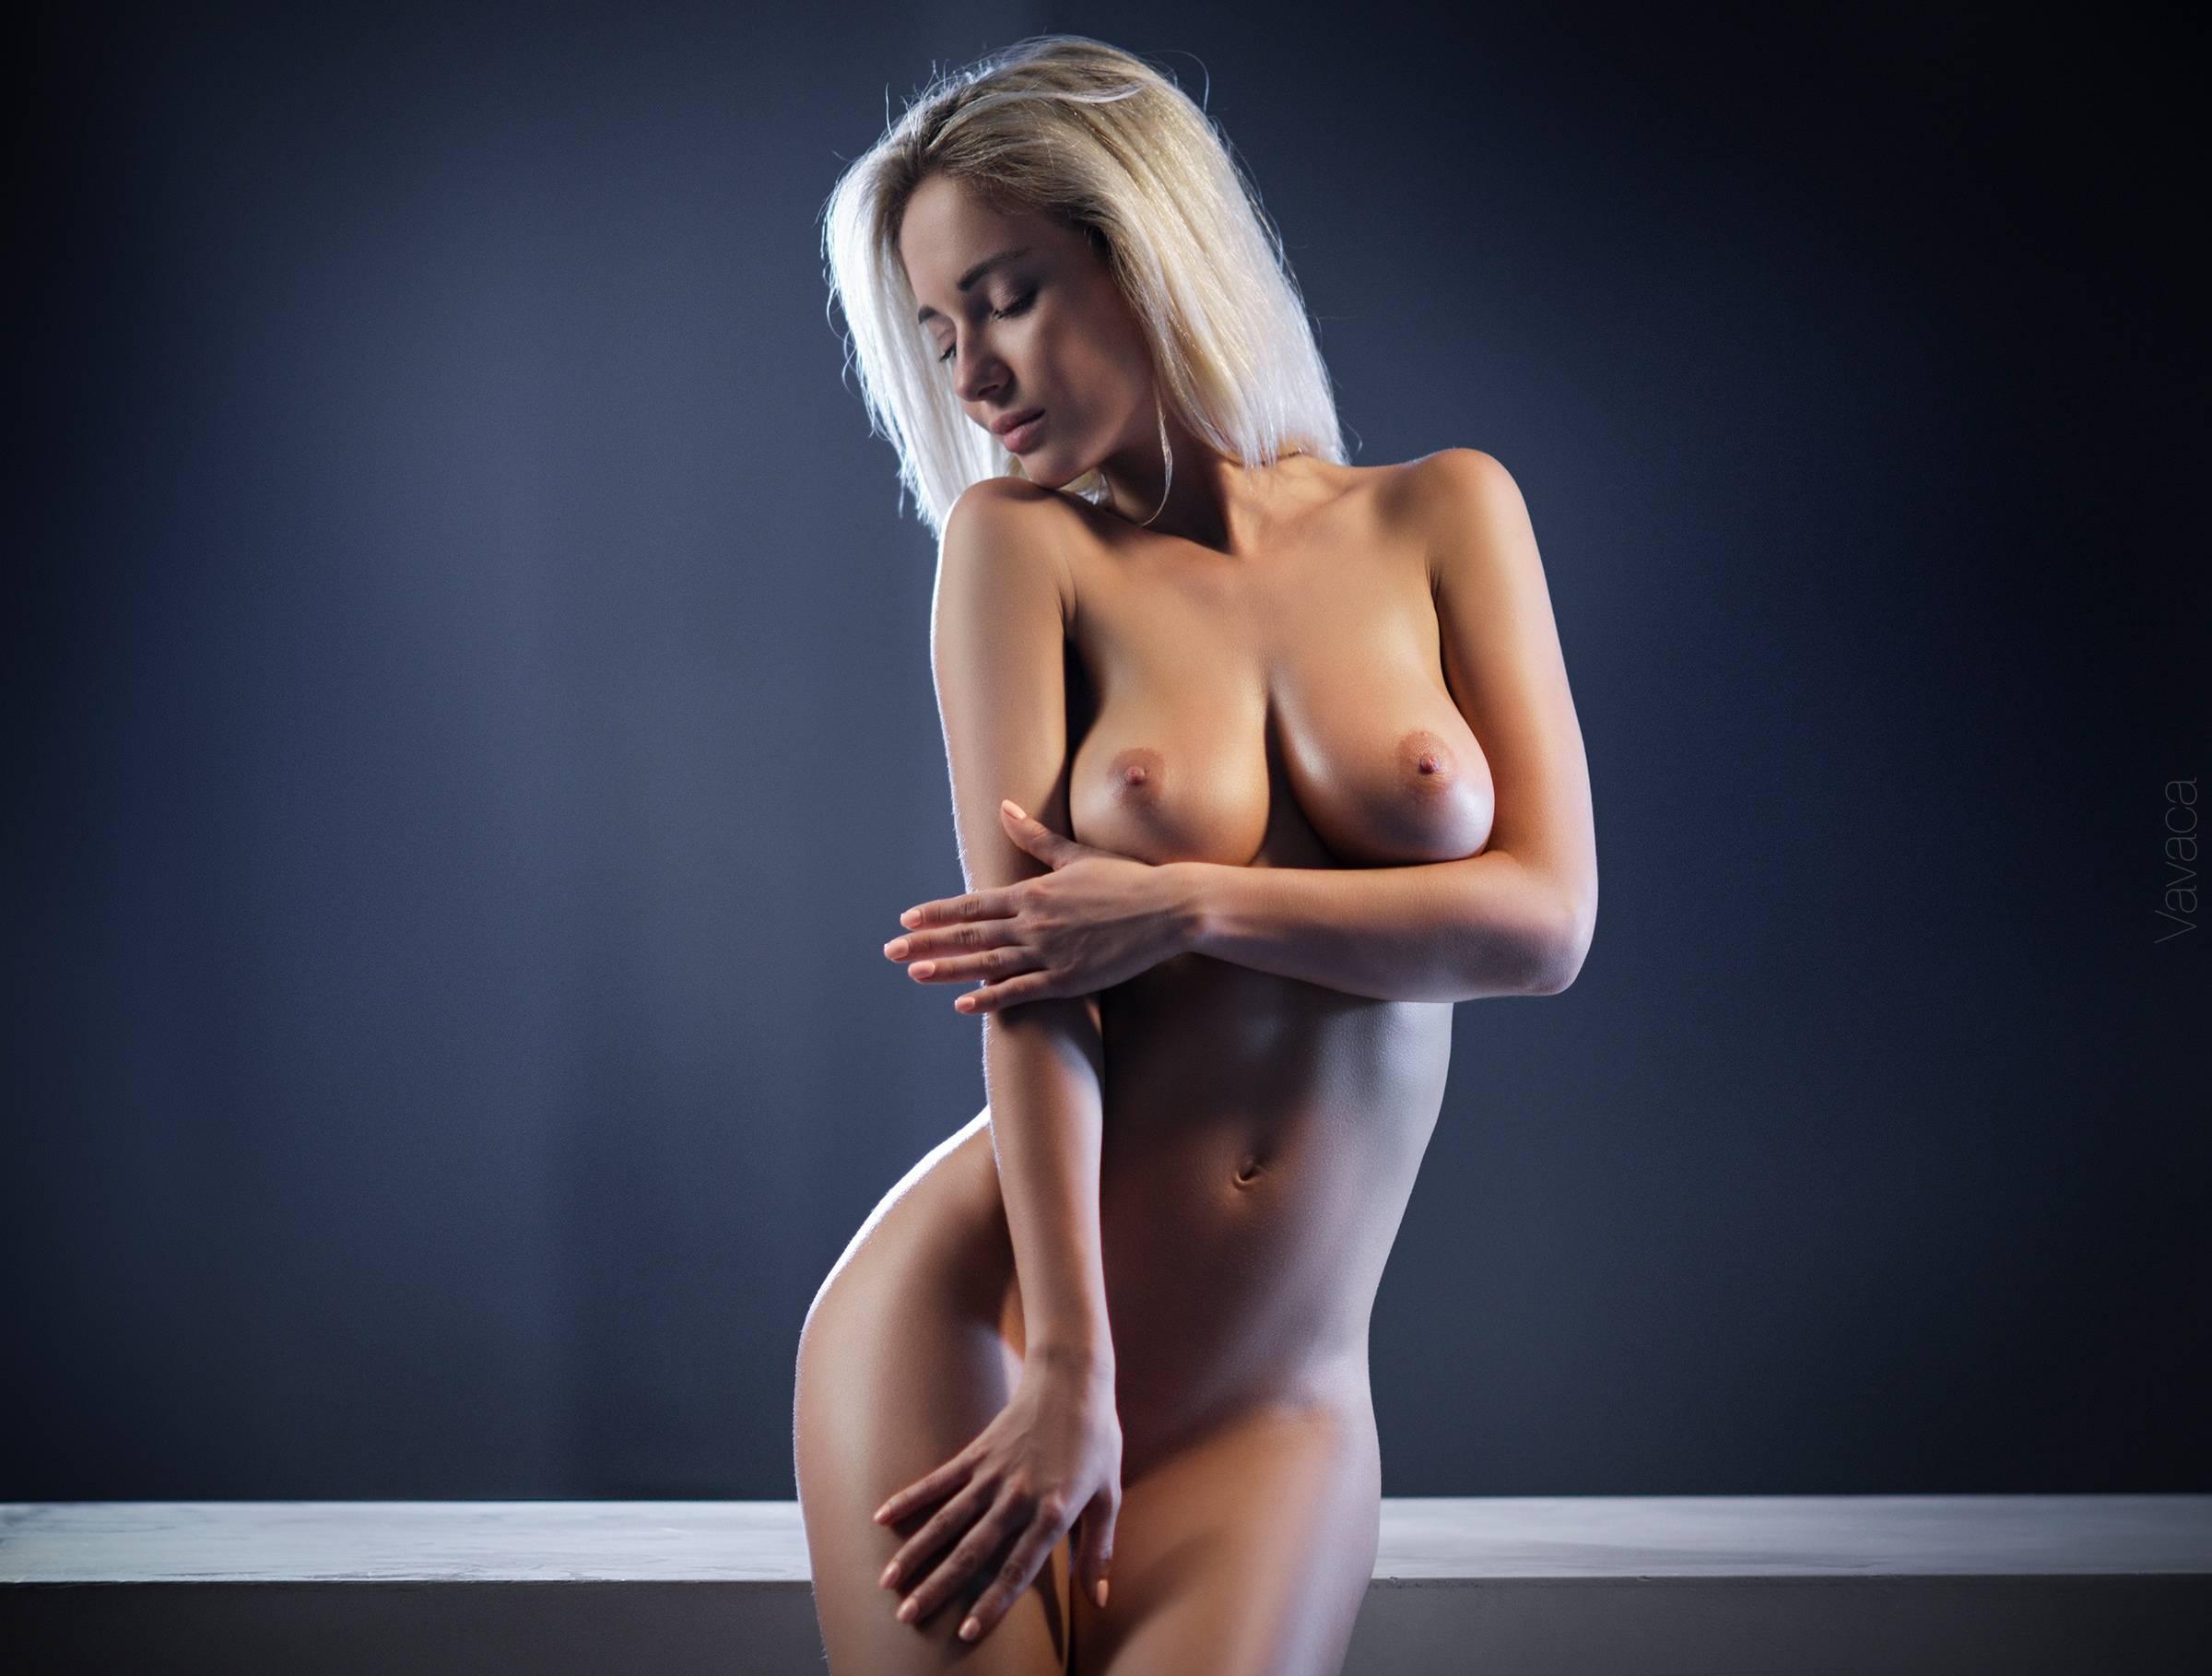 Красивые Голые Девушки Модели